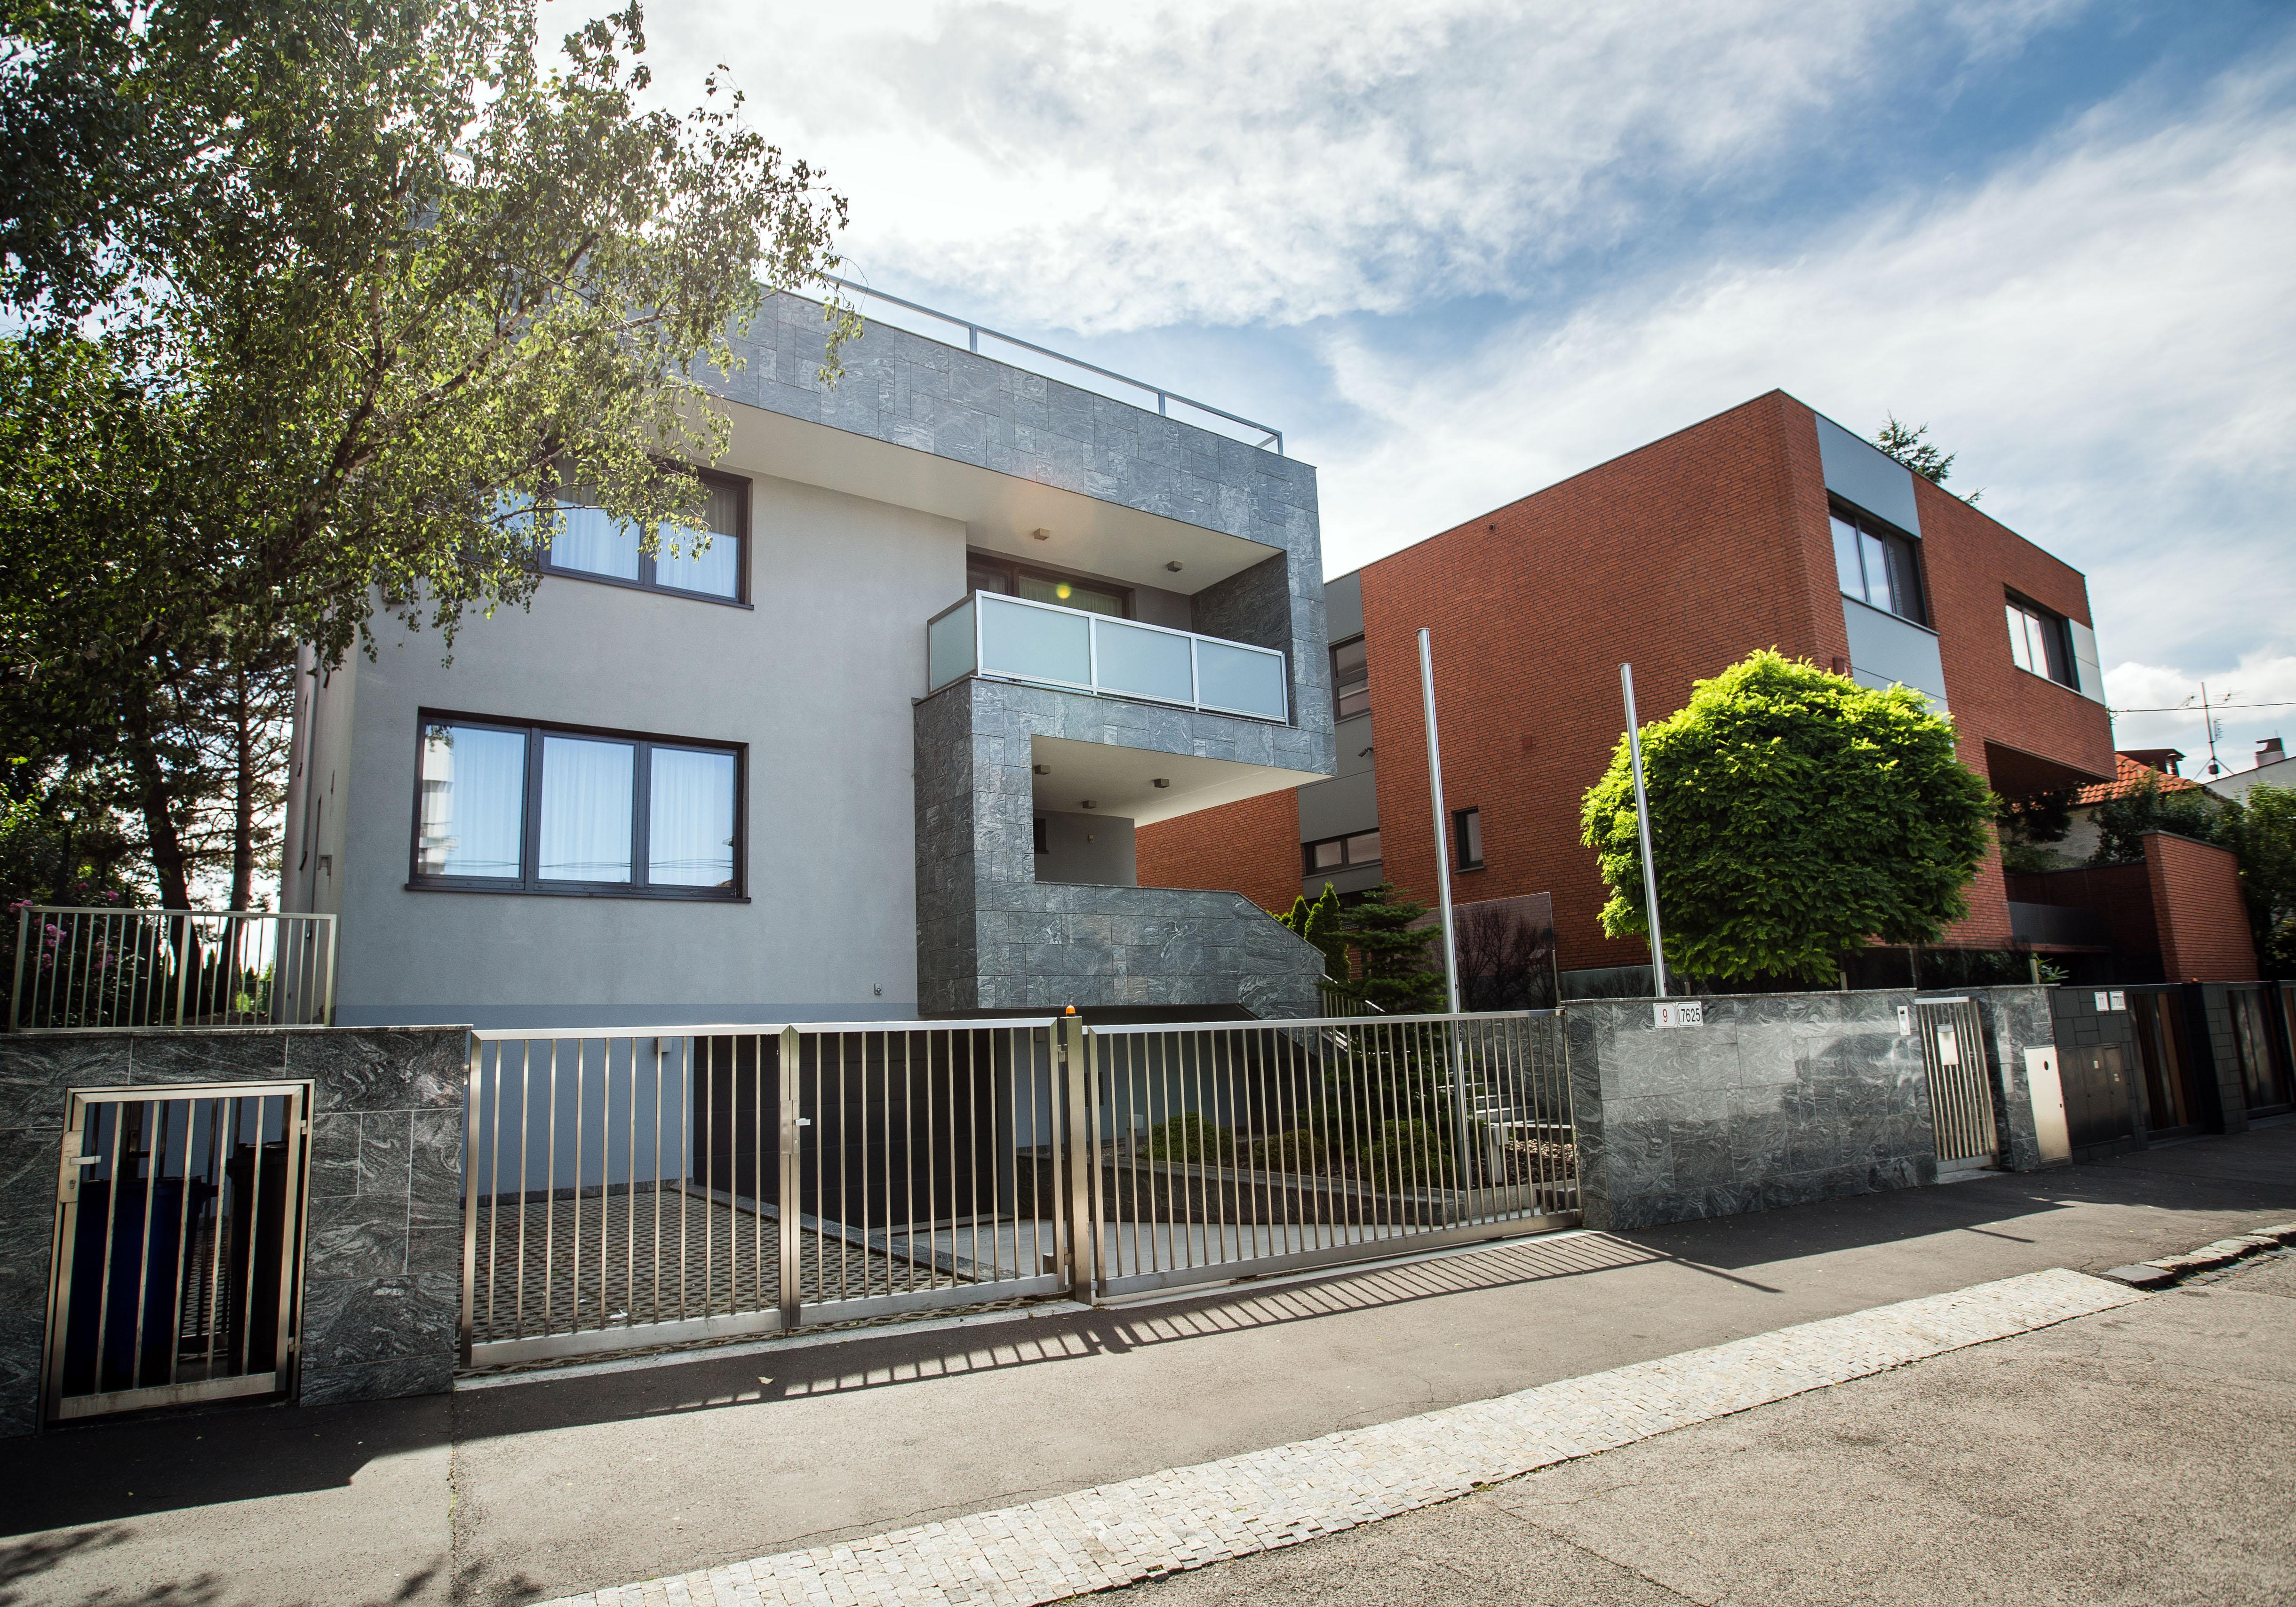 Vľavo dom B.A. Haus na Lubinskej, vpravo je dom MeTIS Consulting. Foto N - Tomáš Benedikovič